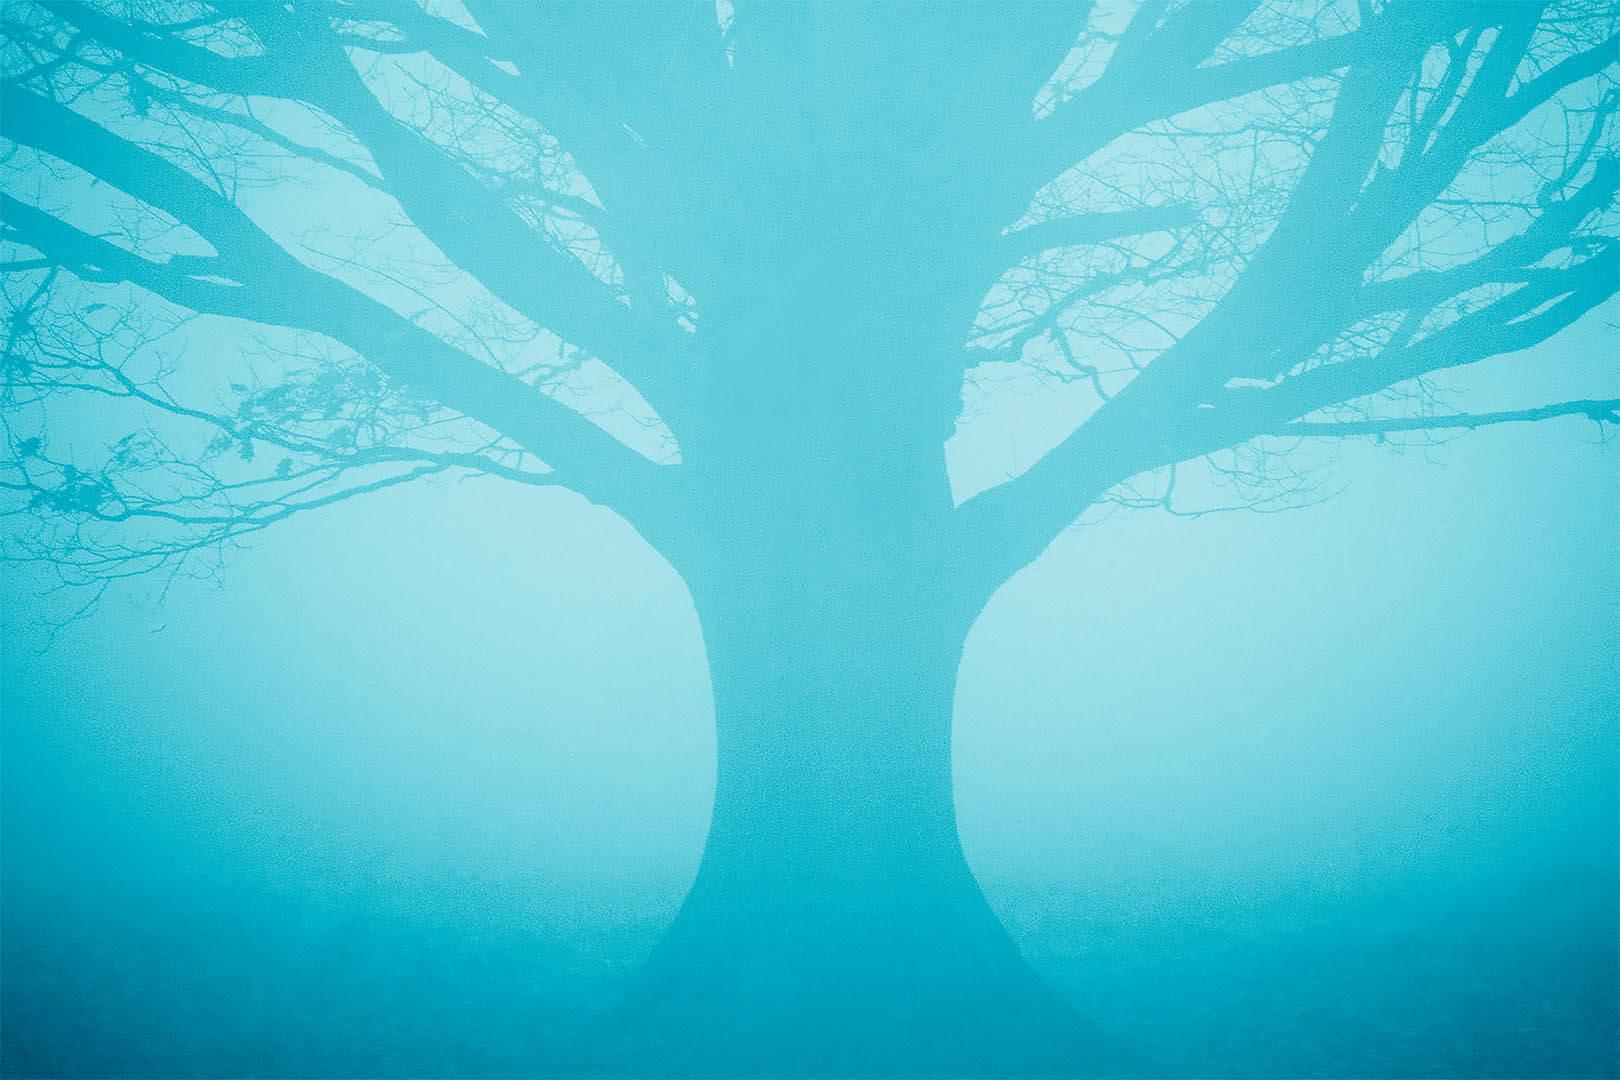 Blue Tree in Fog